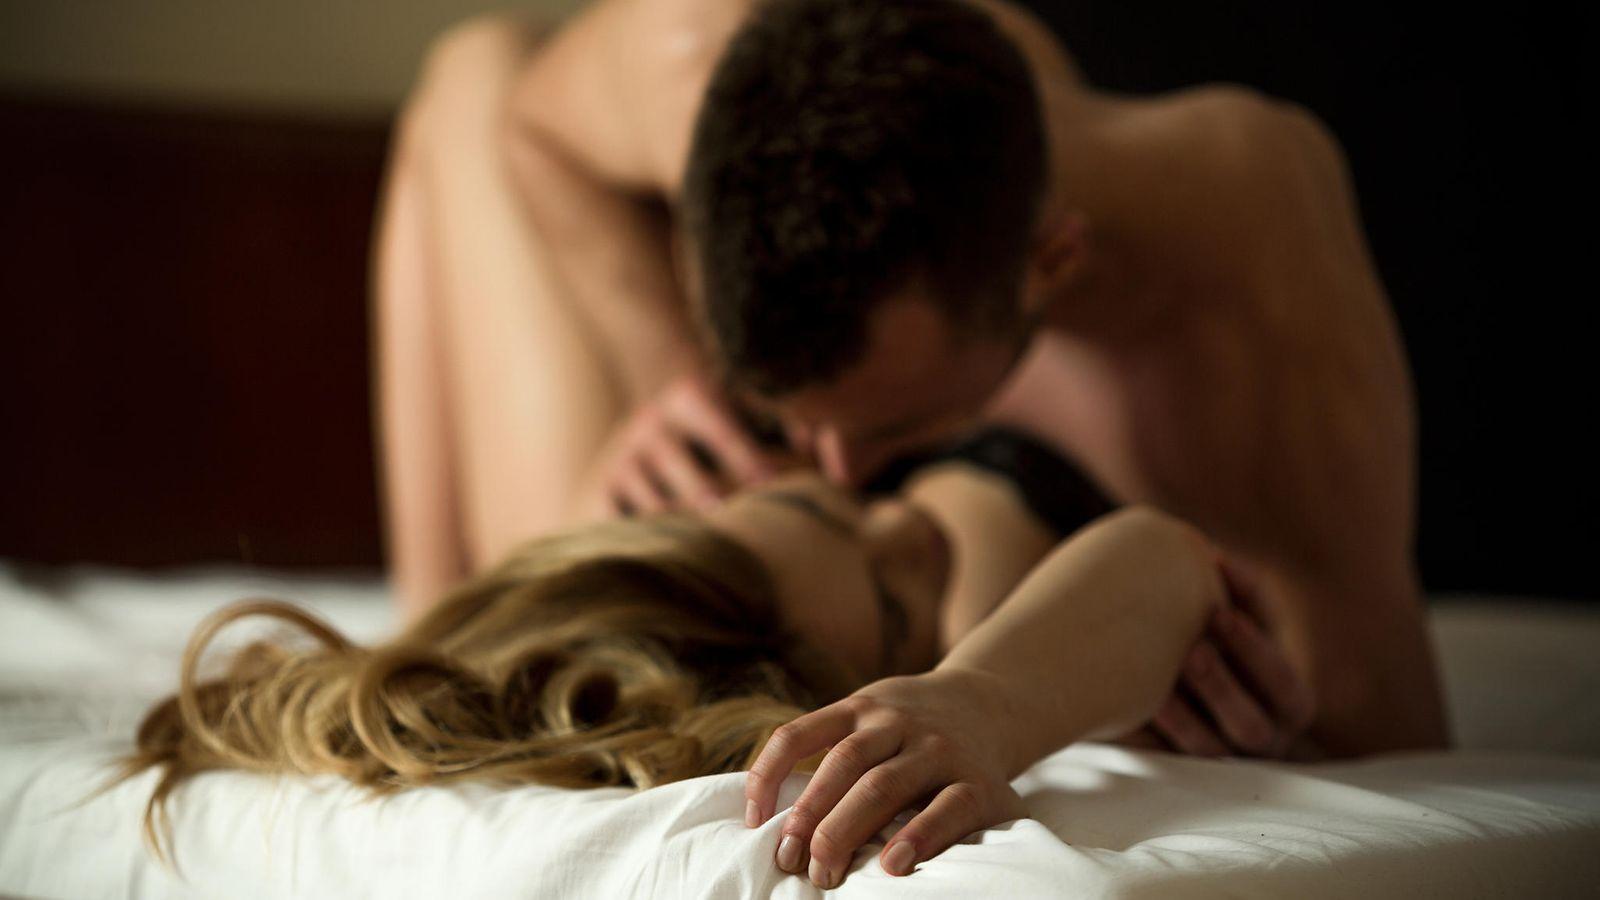 harinen lastu mitä mies haluaa naiselta sängyssä